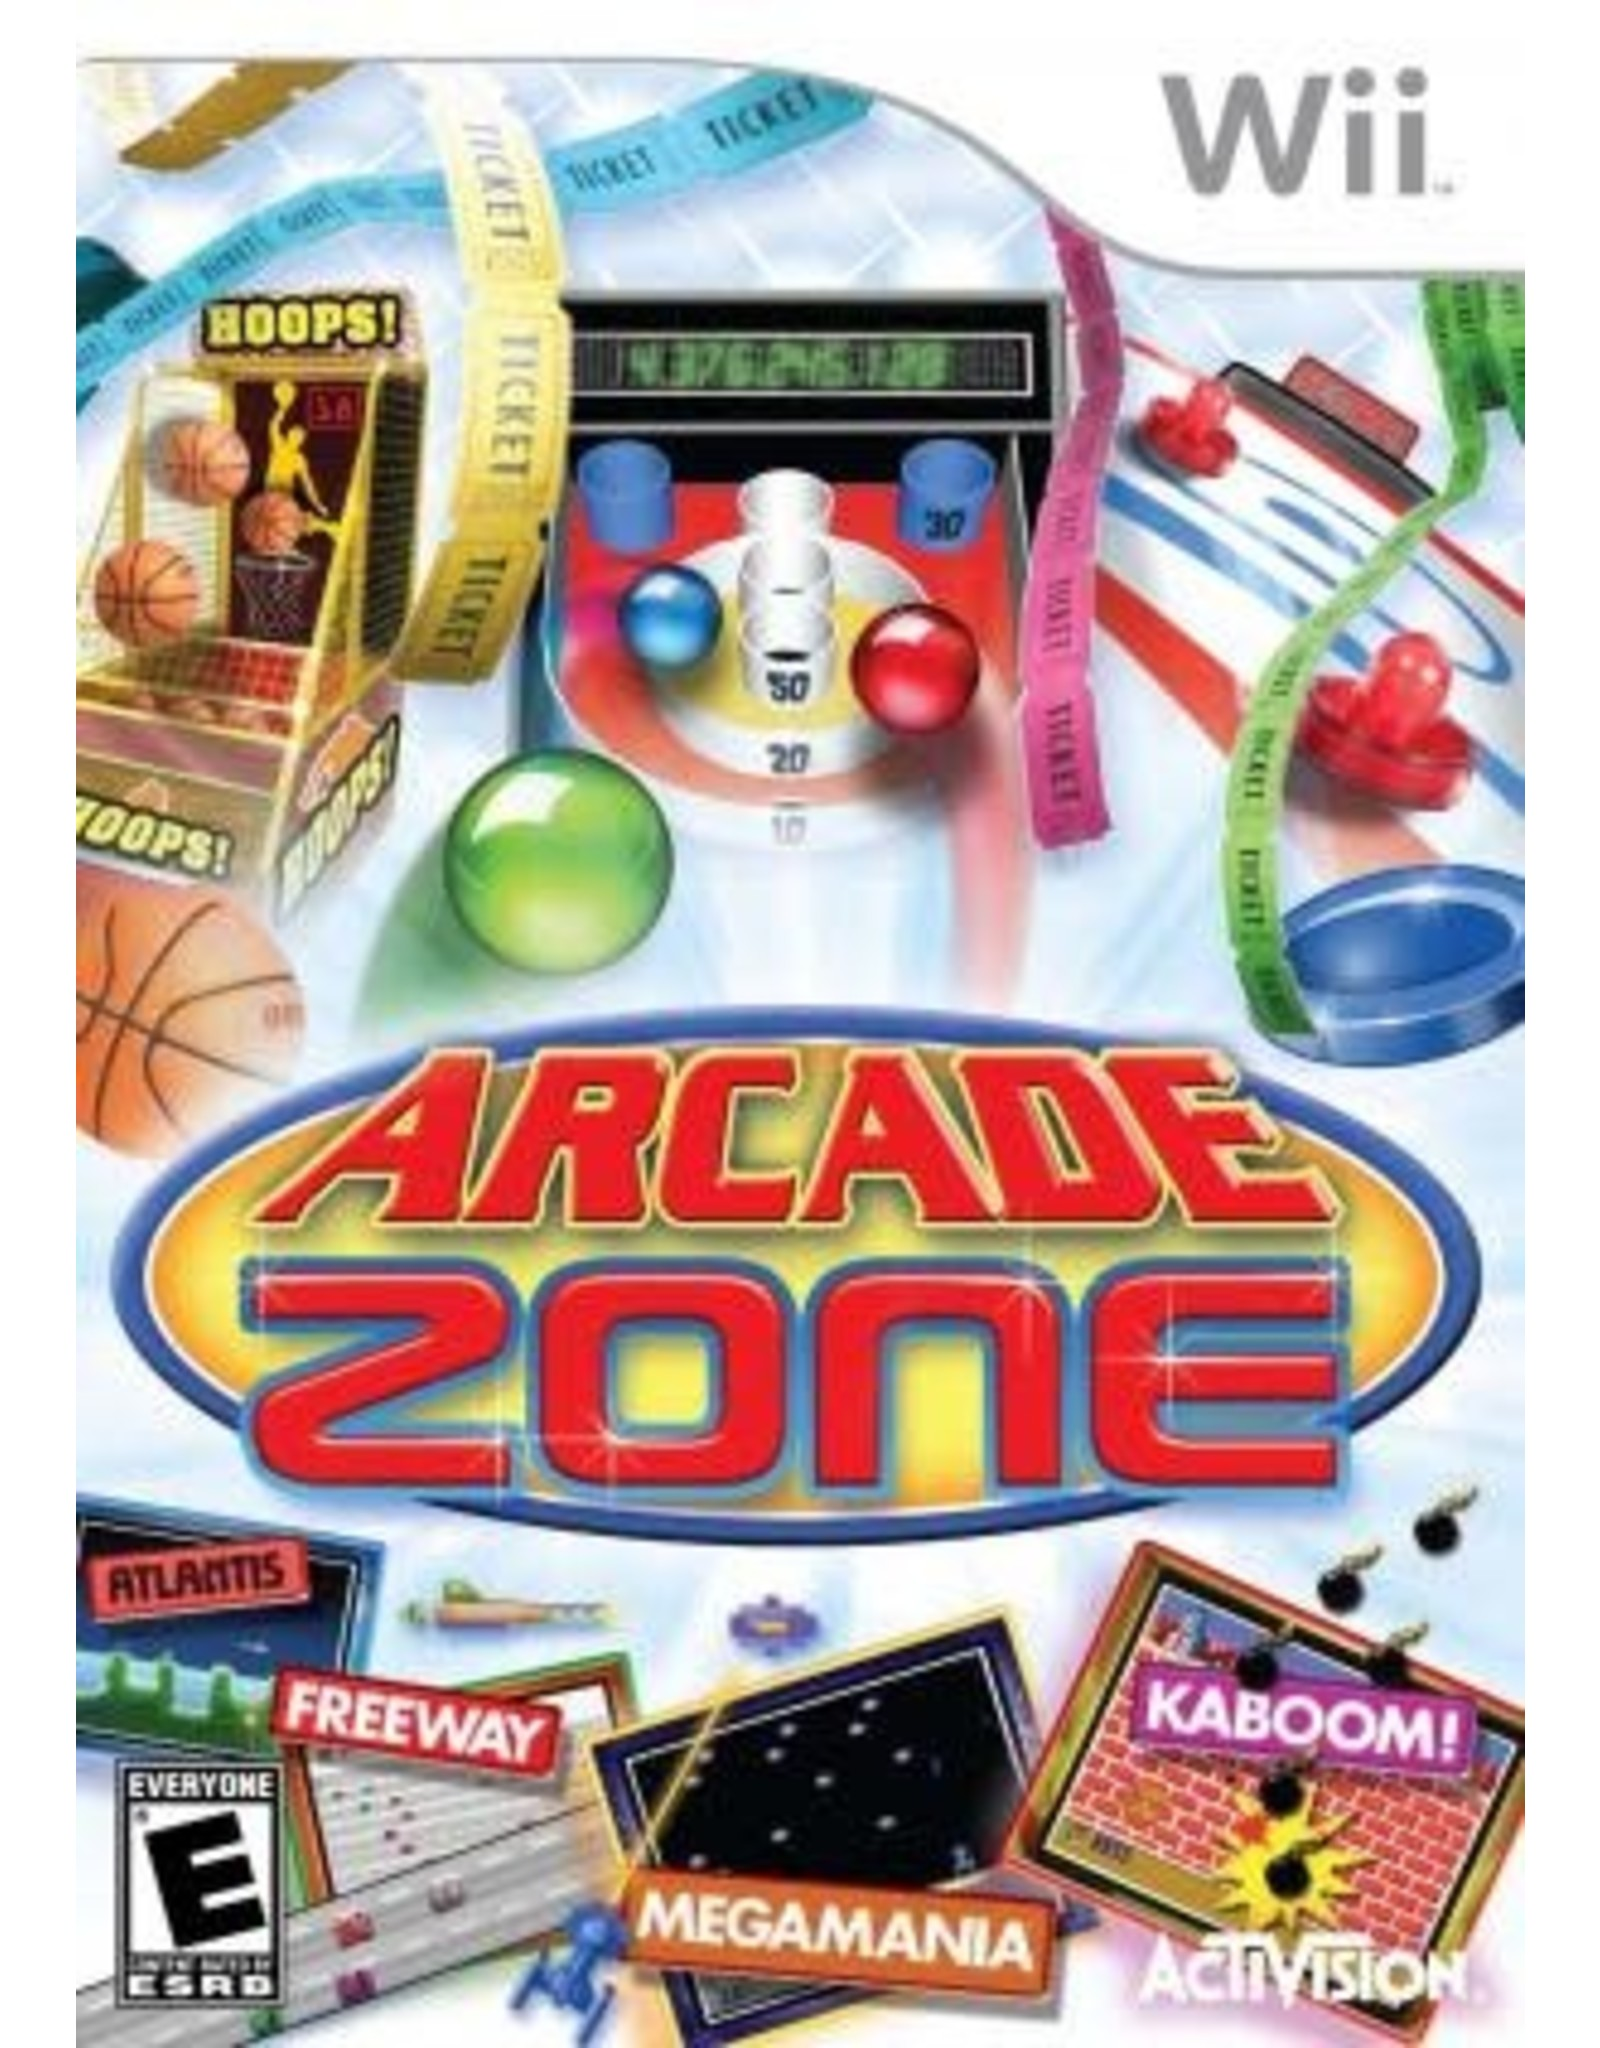 Wii Arcade Zone (CiB)